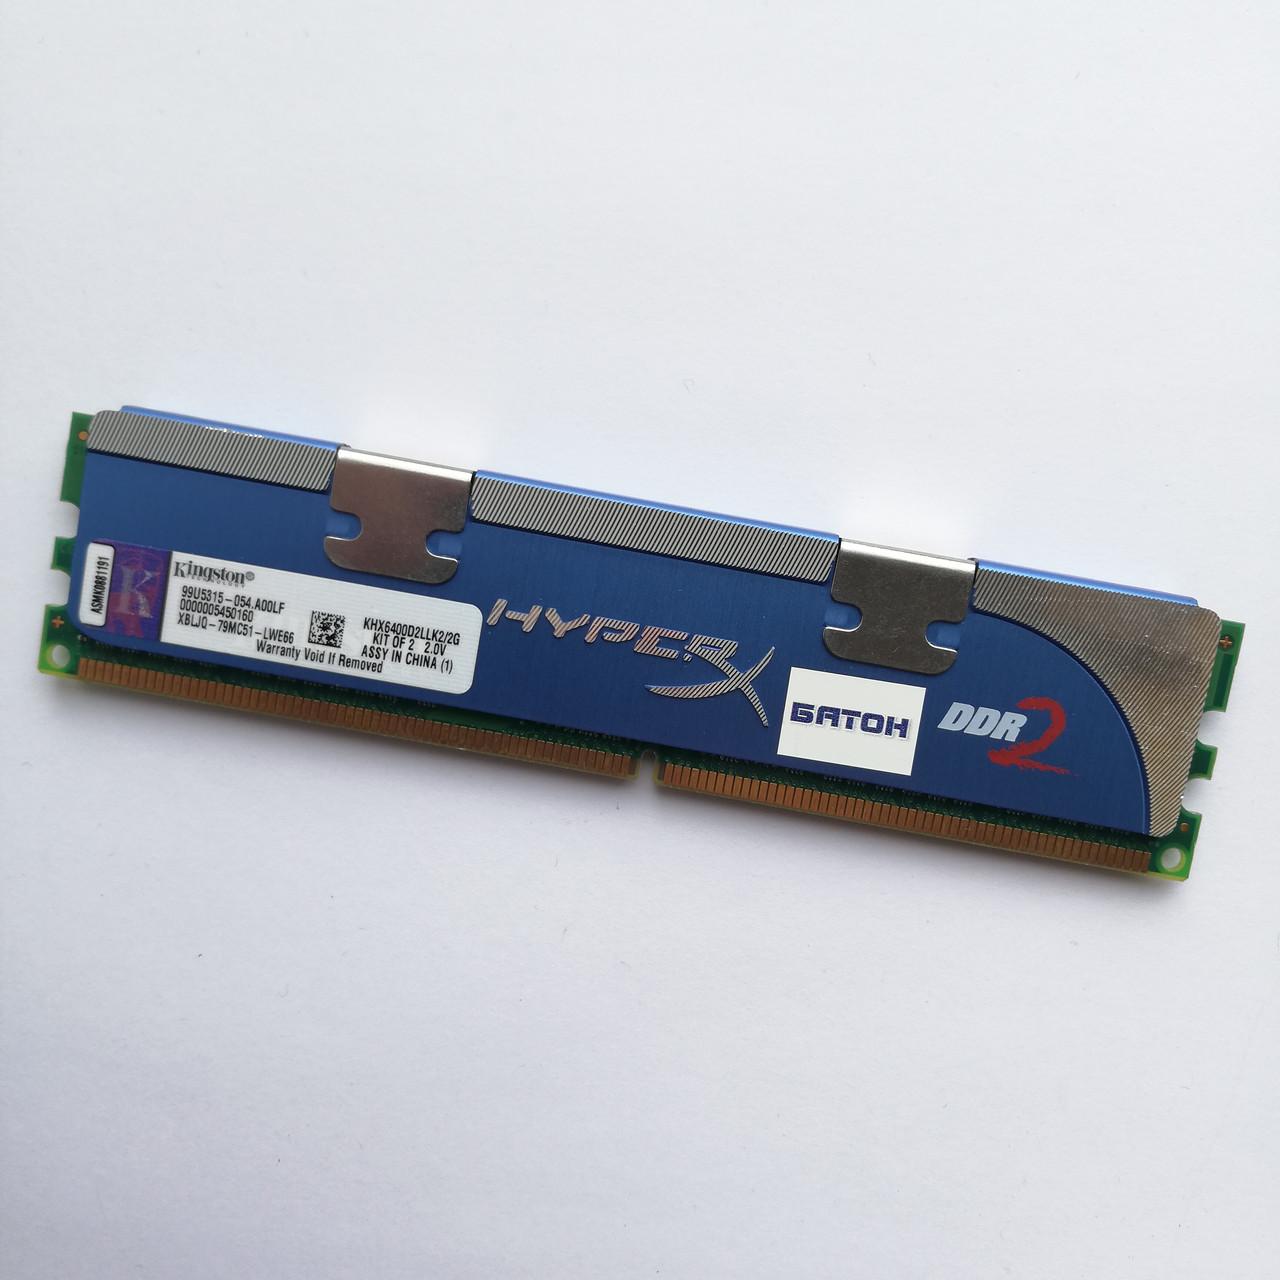 Игровая оперативная память Kingston HyperX DDR2 1Gb 800MHz PC2 6400U CL5 (KHX6400D2LLK2/2G) Б/У